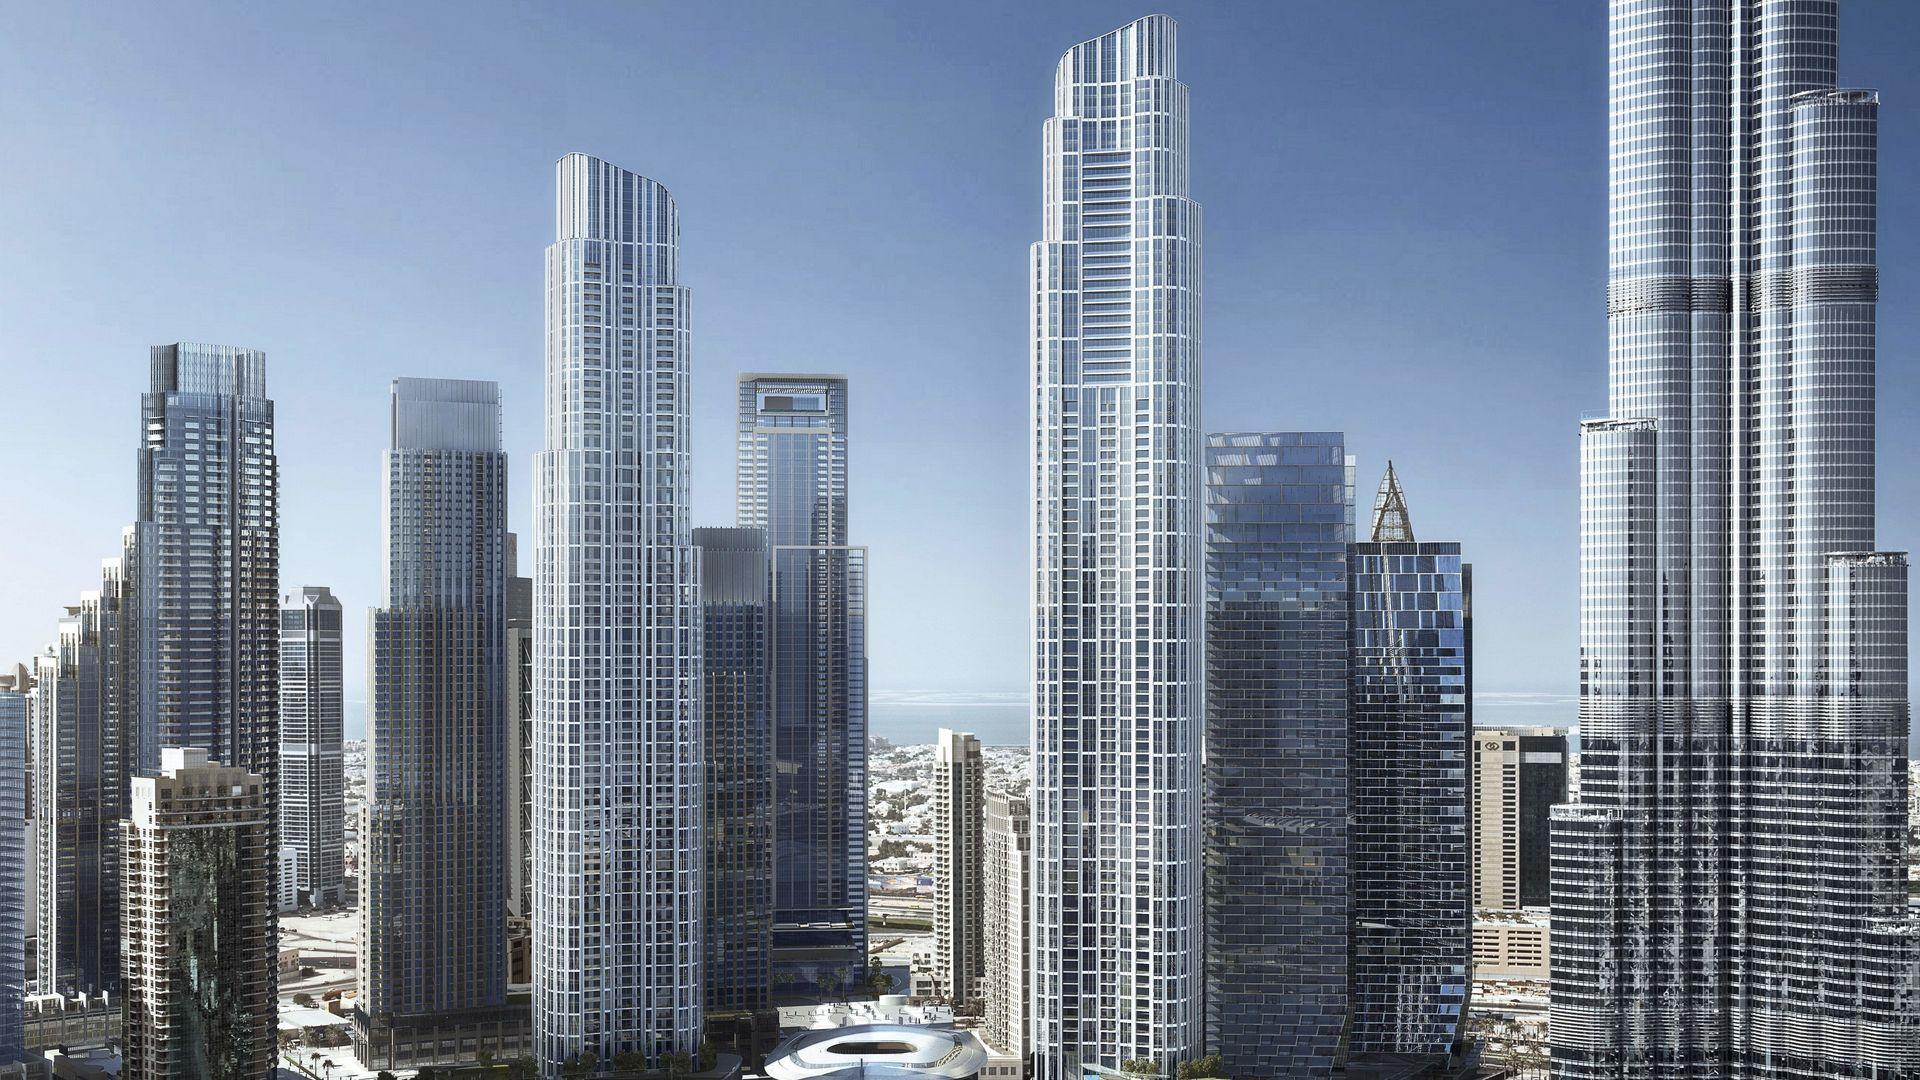 Ático en venta en Dubai, EAU, 5 dormitorios, 1073 m2, № 24033 – foto 3